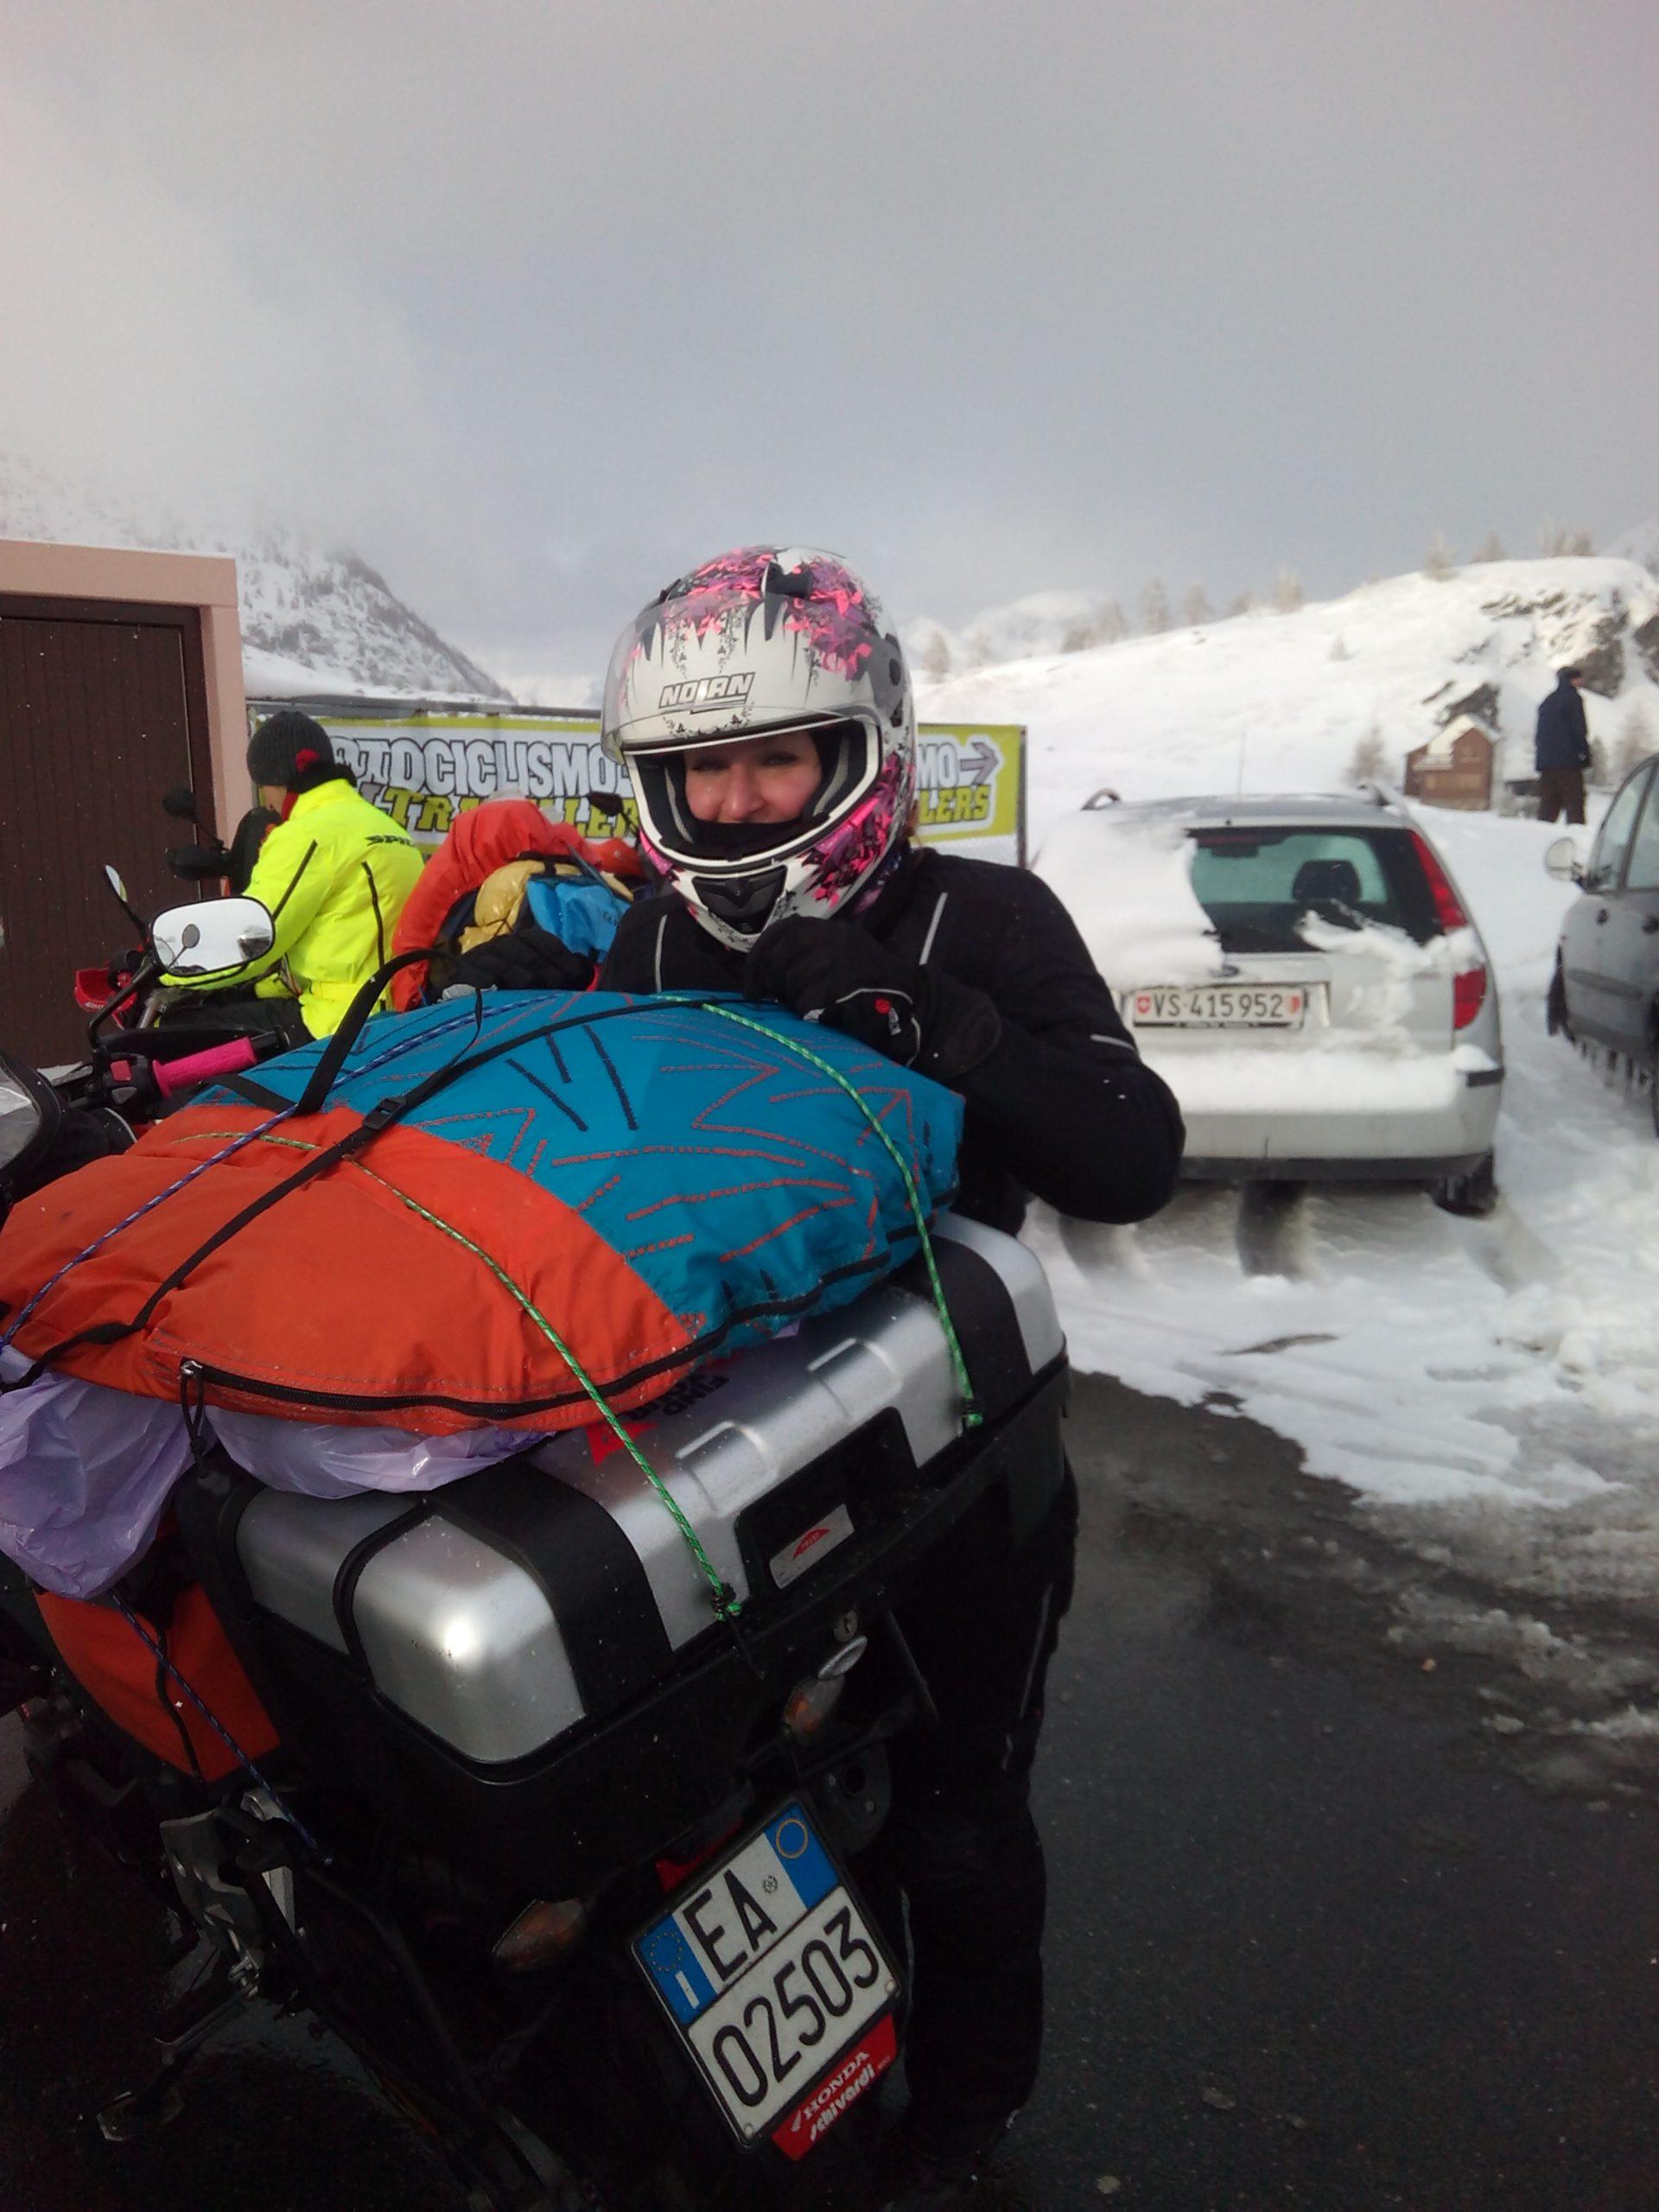 cosa indossare per andare in moto d'inverno